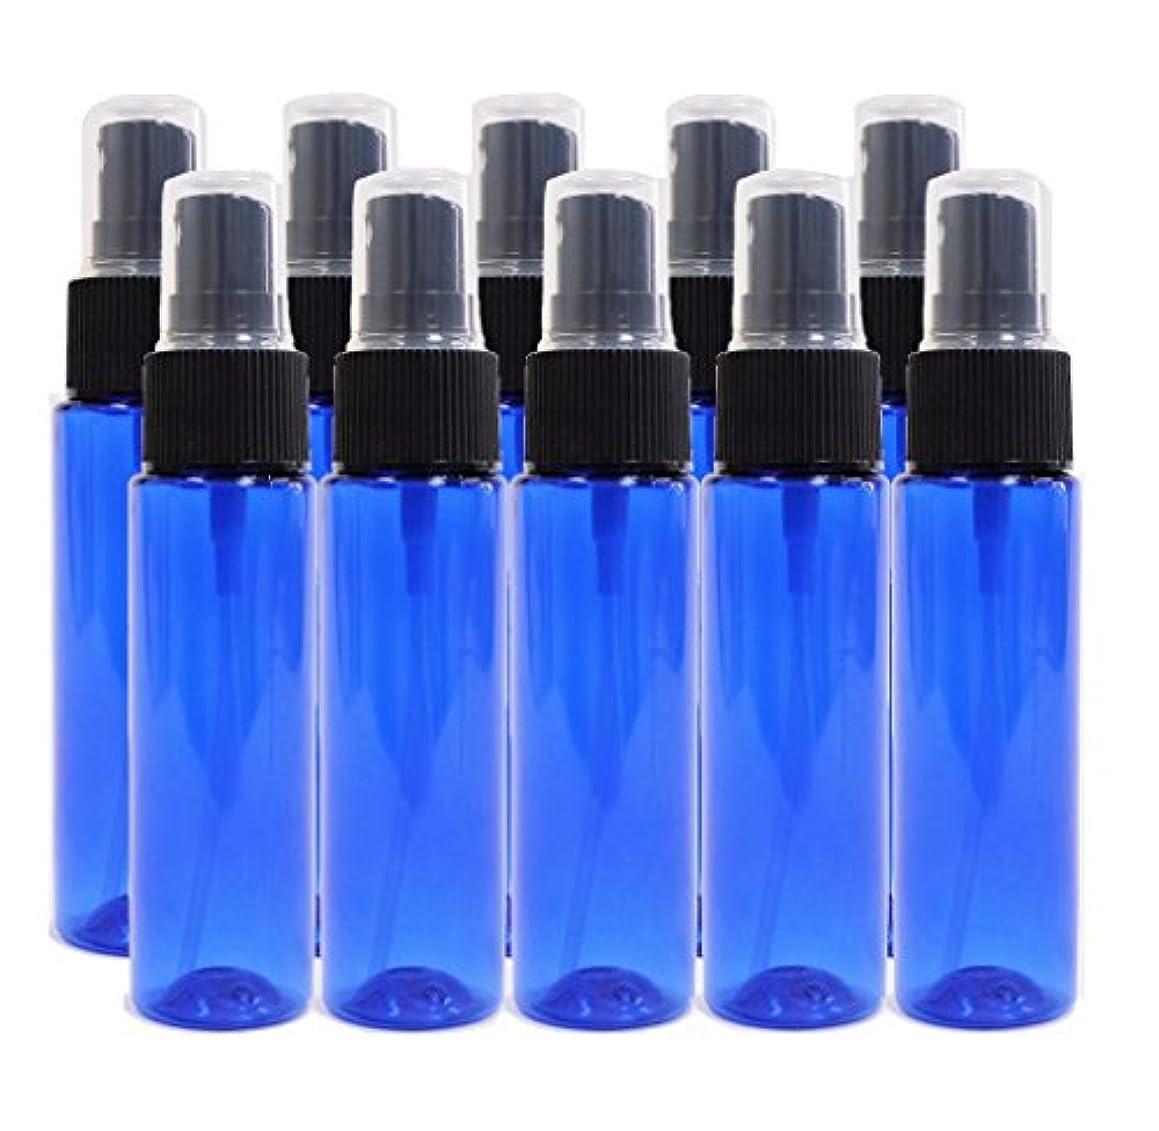 実験をするユダヤ人関連付けるease 保存容器 スプレータイプ プラスチック 青色 30ml×10本